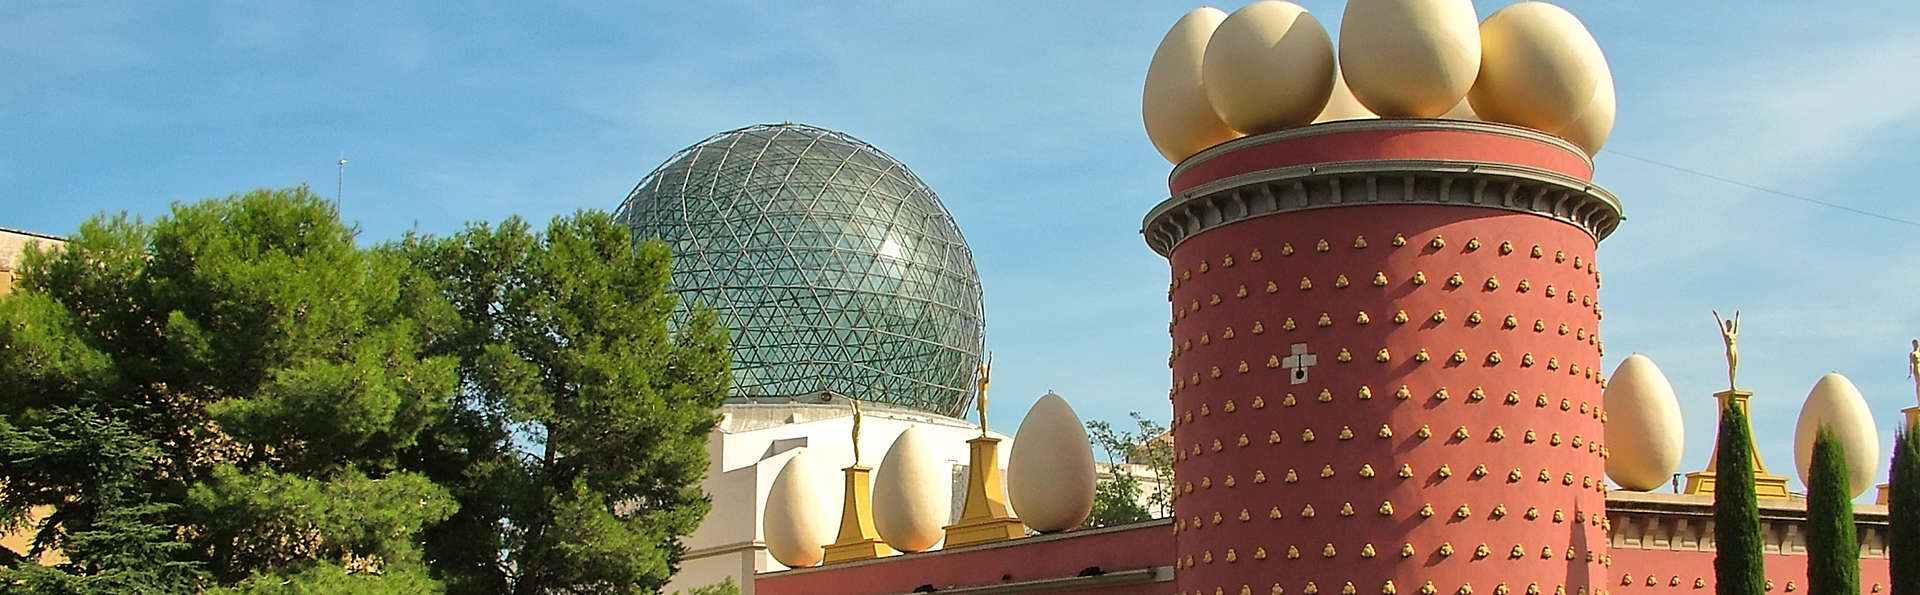 Escapada Mini-vacaciones a Barcelona e incluida una excursión a Girona y Figueres (desde 3 noches)